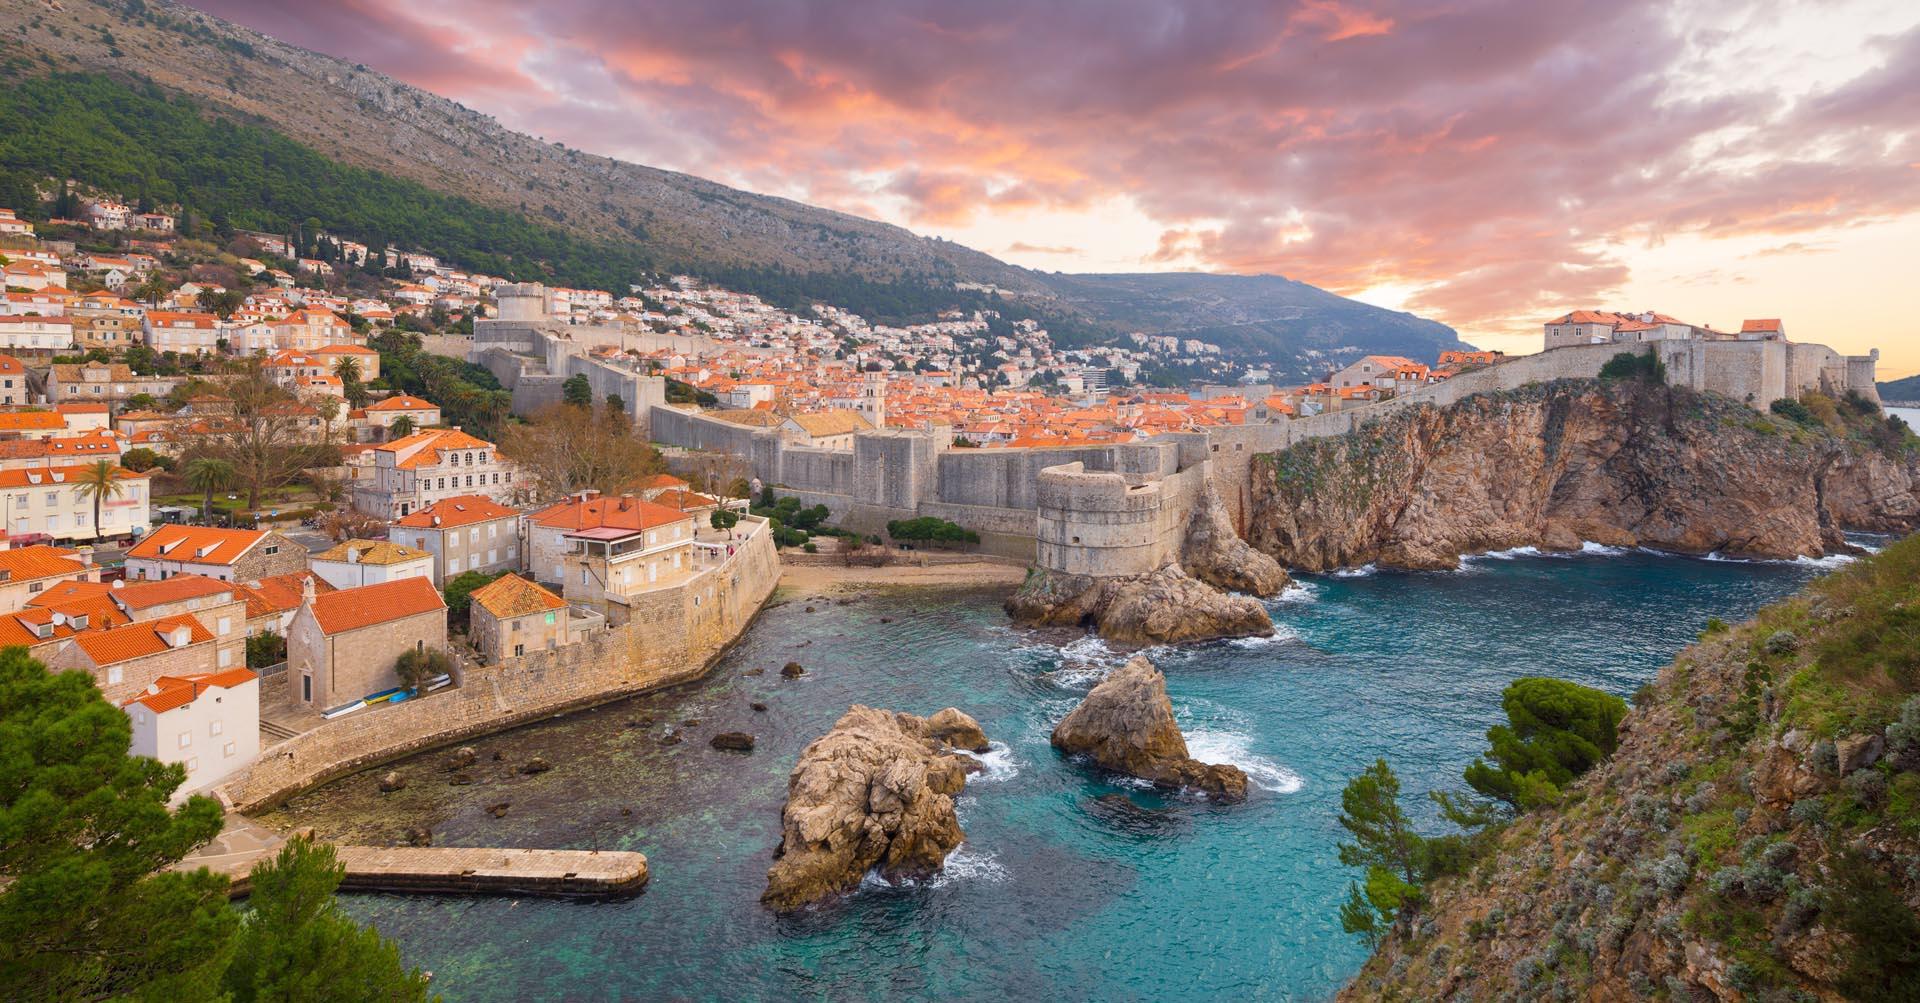 Programas Viajeros TeleVigo, dedicados a Croacia y Bosnia